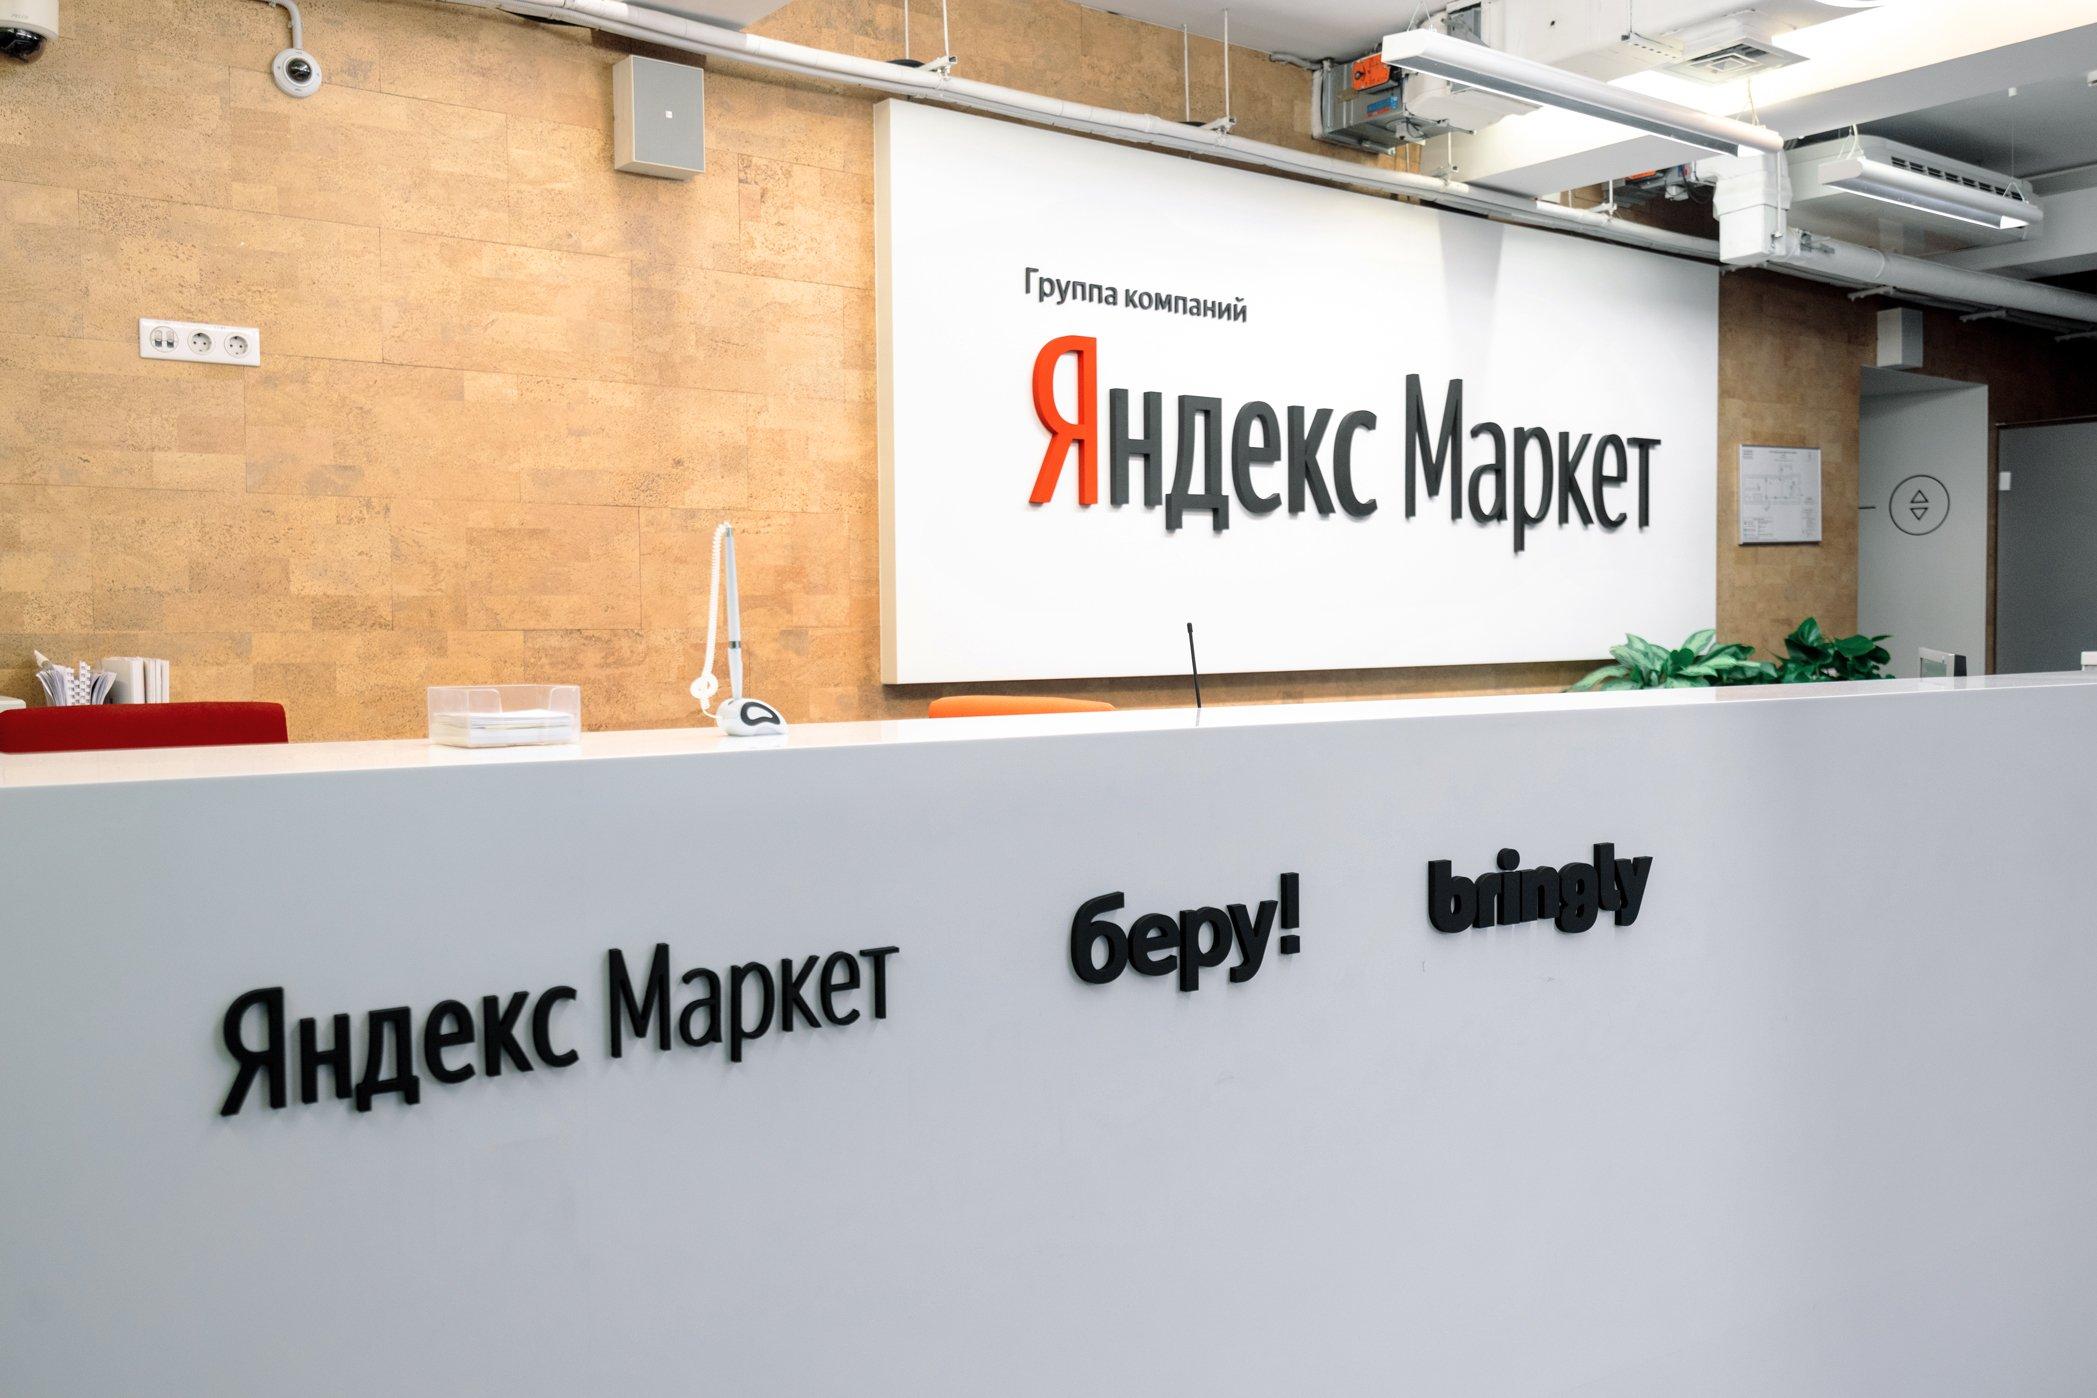 Яндекс.Маркет снижает комиссию за продажу товаров до 2%